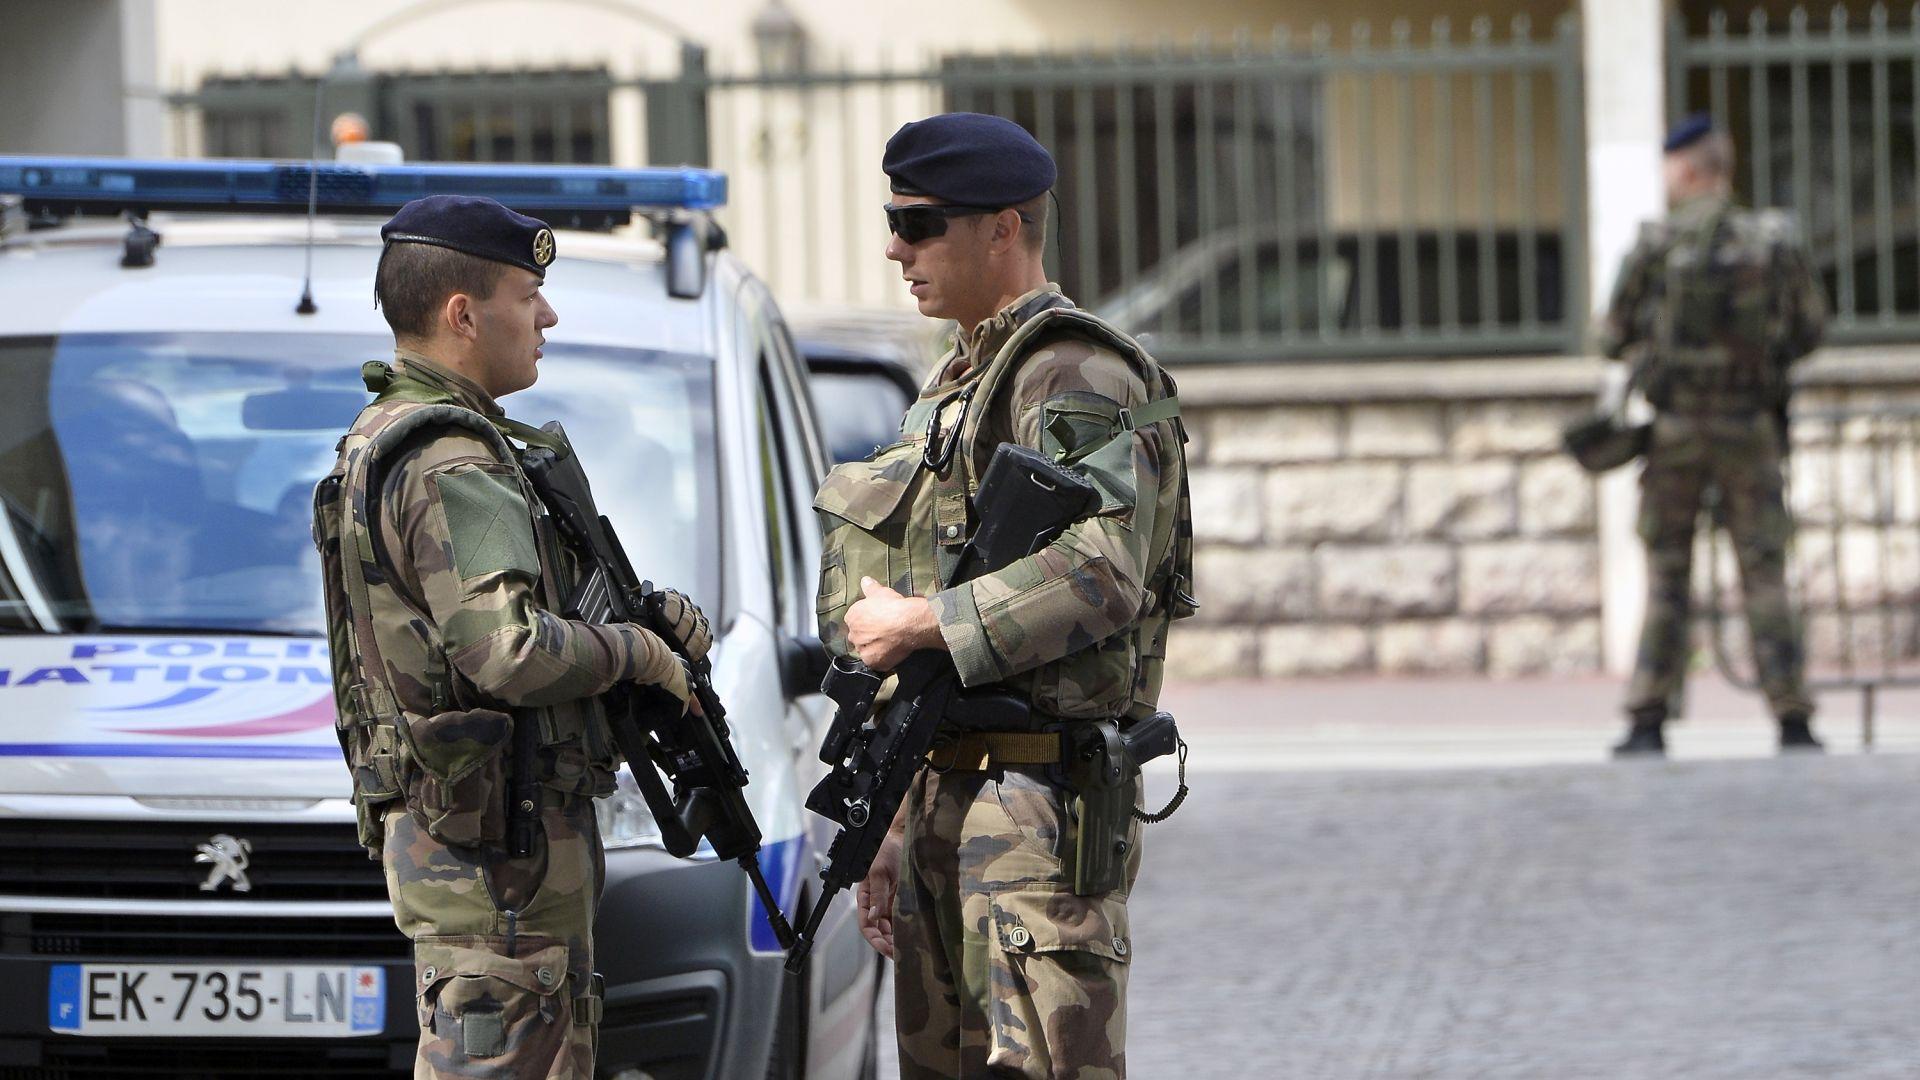 Задържаха българин за тероризъм във Франция, представял се за чеченец